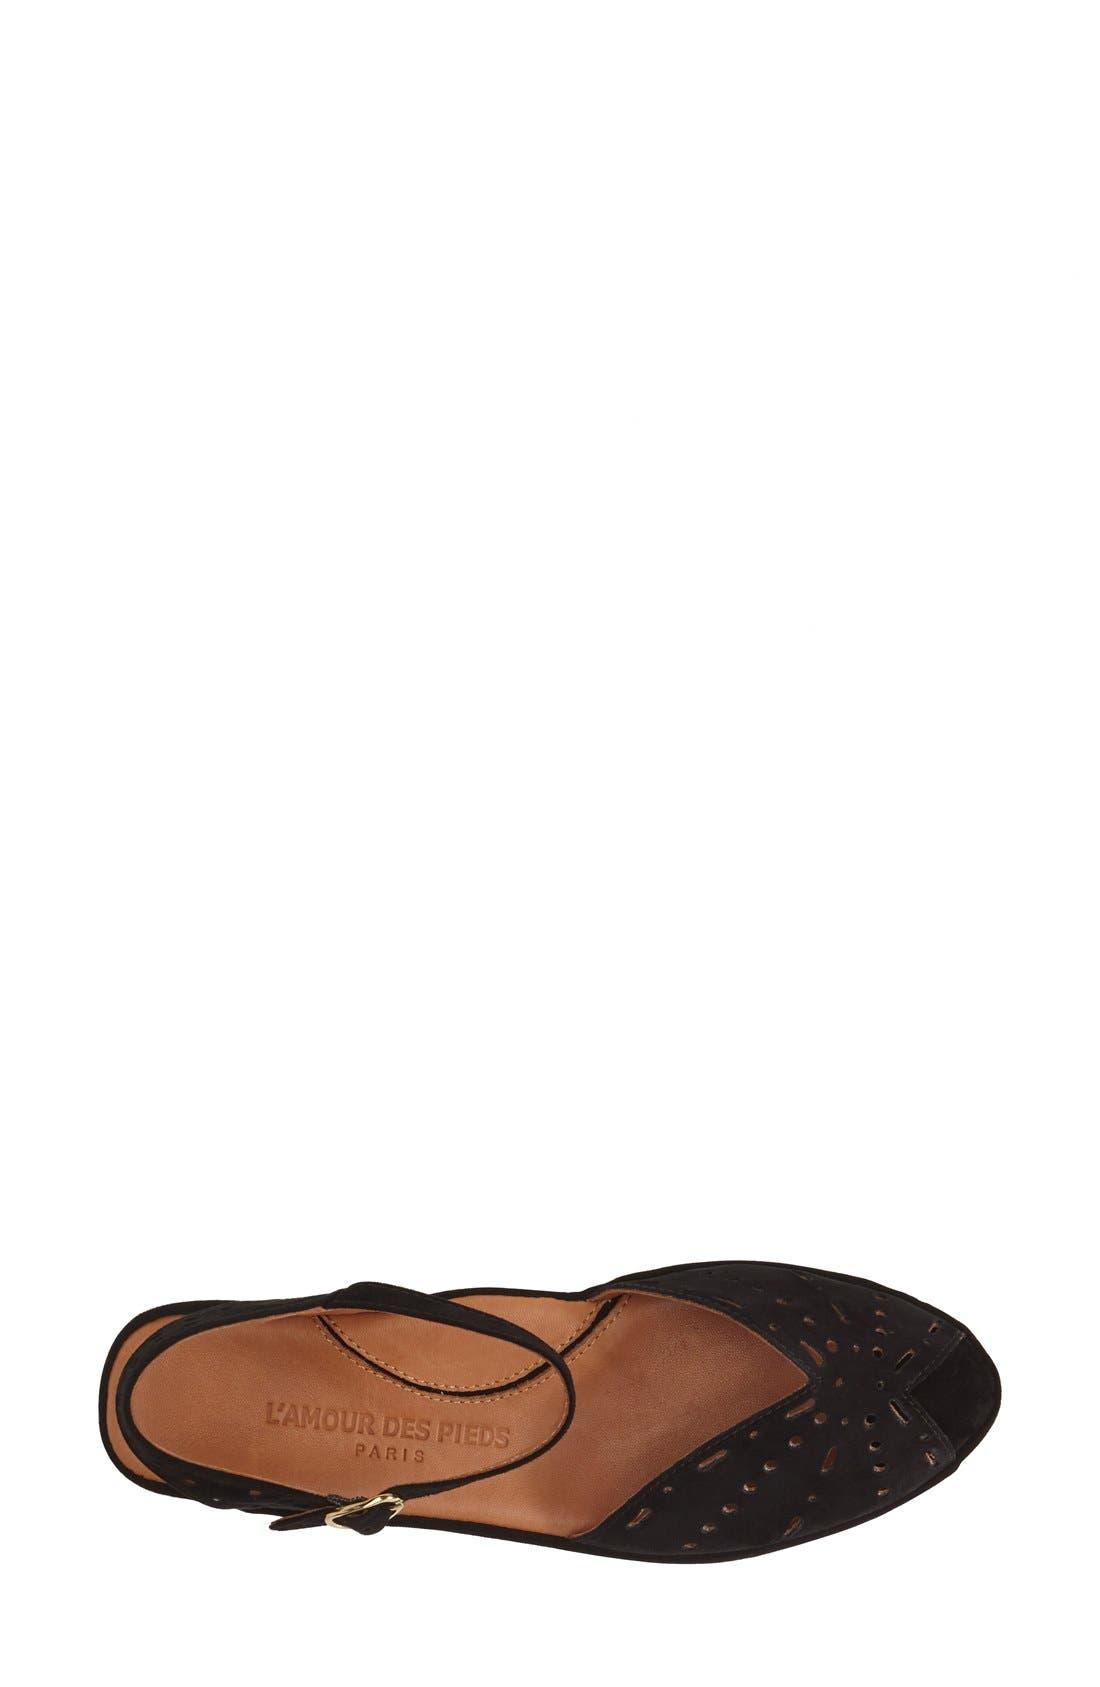 L'AMOUR DES PIEDS, 'Brenn' Ankle Strap Sandal, Alternate thumbnail 8, color, BLACK SUEDE